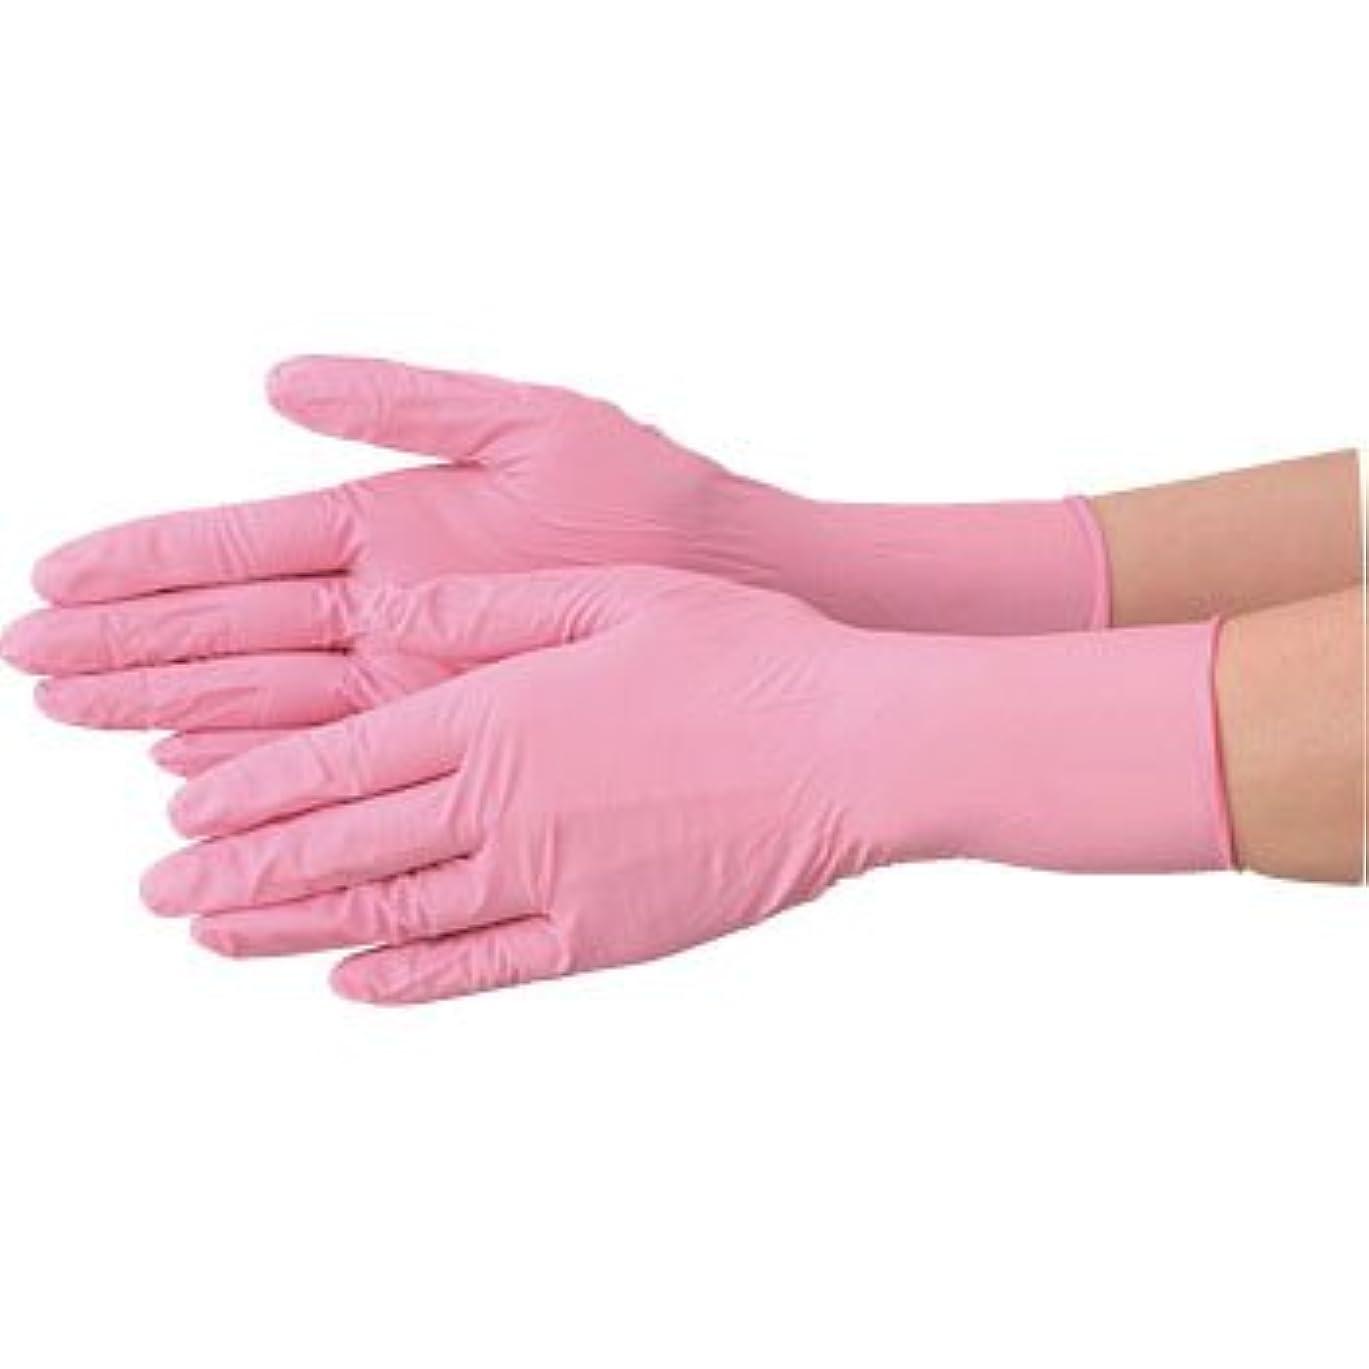 マザーランド起こる沼地使い捨て 手袋 エブノ 570 ニトリル ピンク Sサイズ パウダーフリー 2ケース(100枚×60箱)